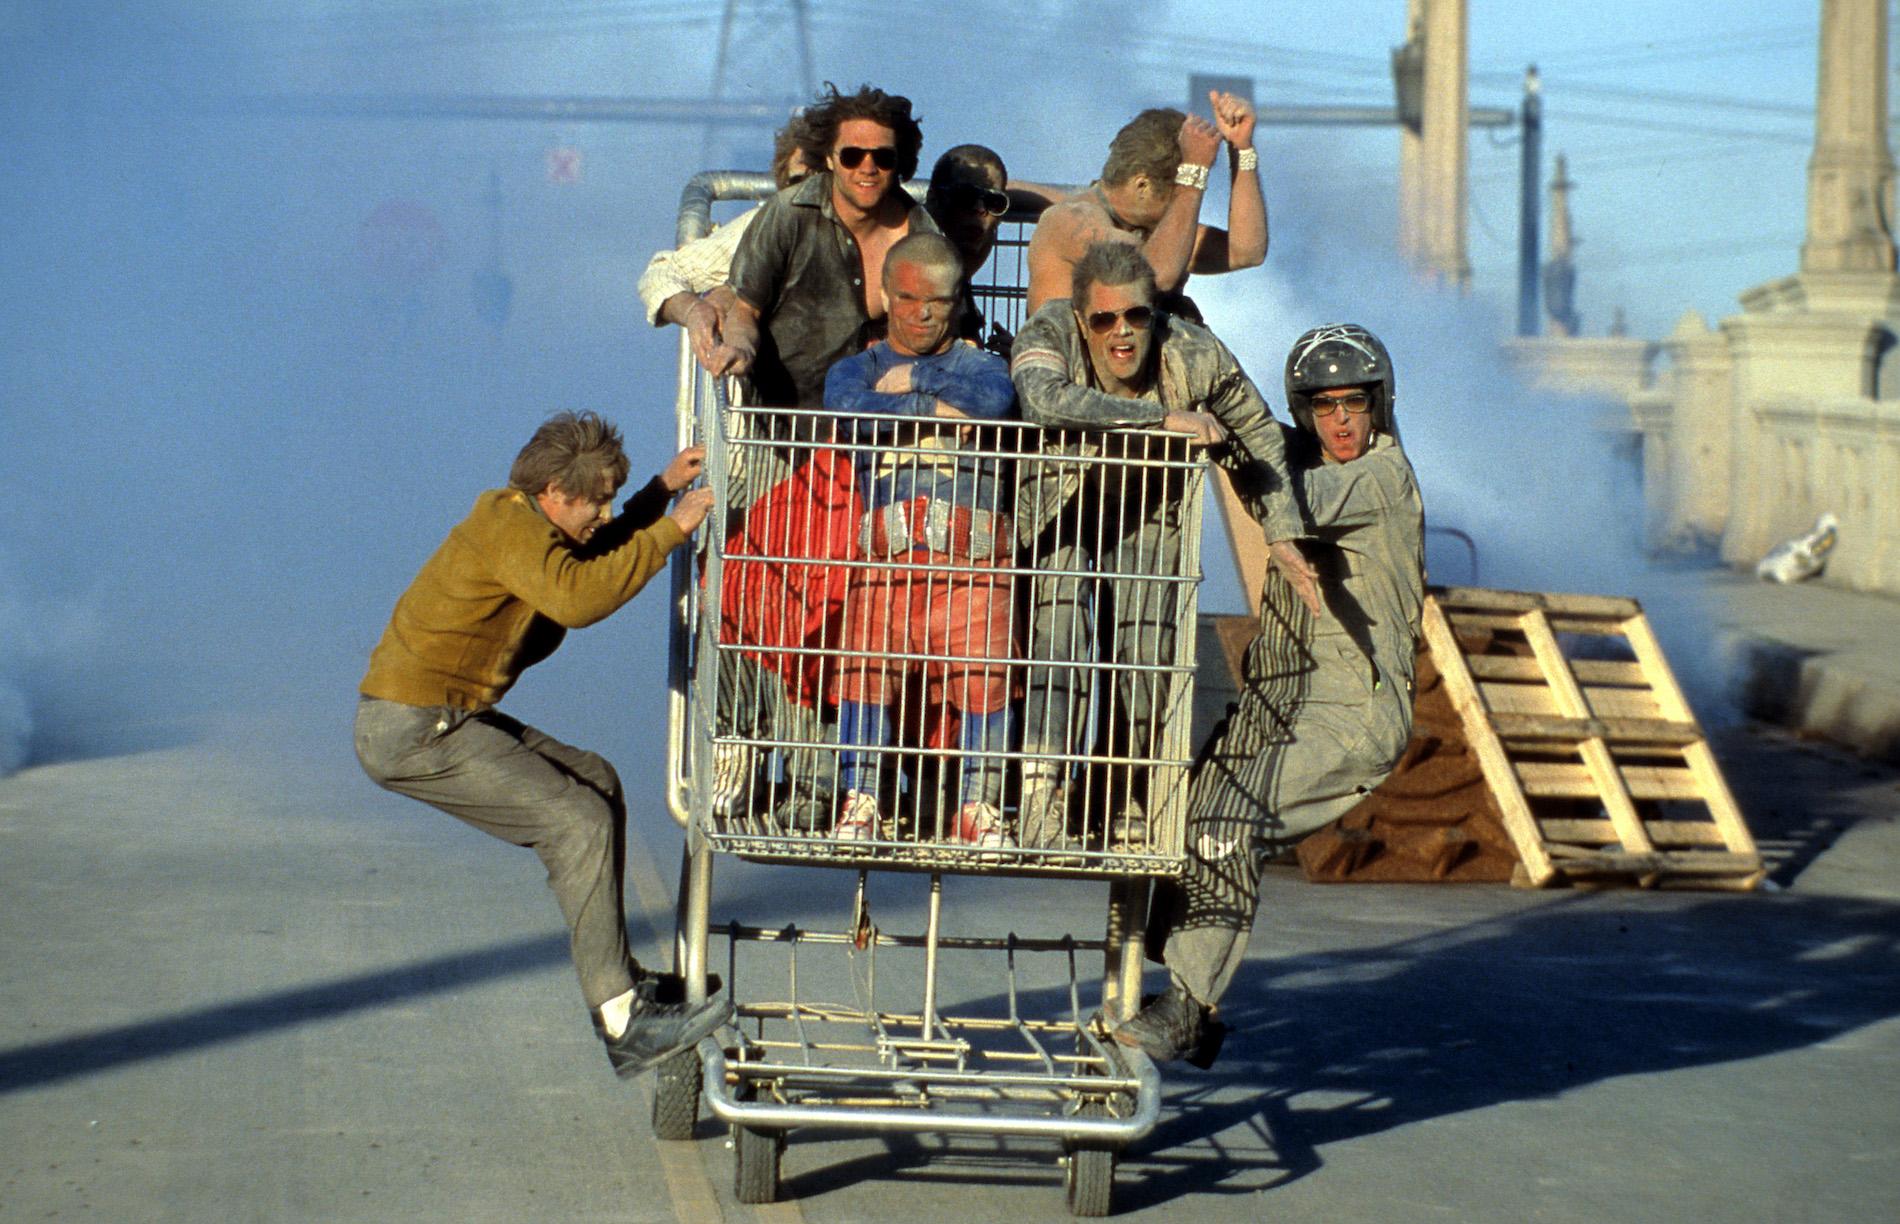 """Kamen Anfang der nuller Jahre ganz groß raus: Johnny Knoxville und die """"Jackass""""-Jungs, hier in einer Szene aus """"Jackass: The Movie"""", 2002."""